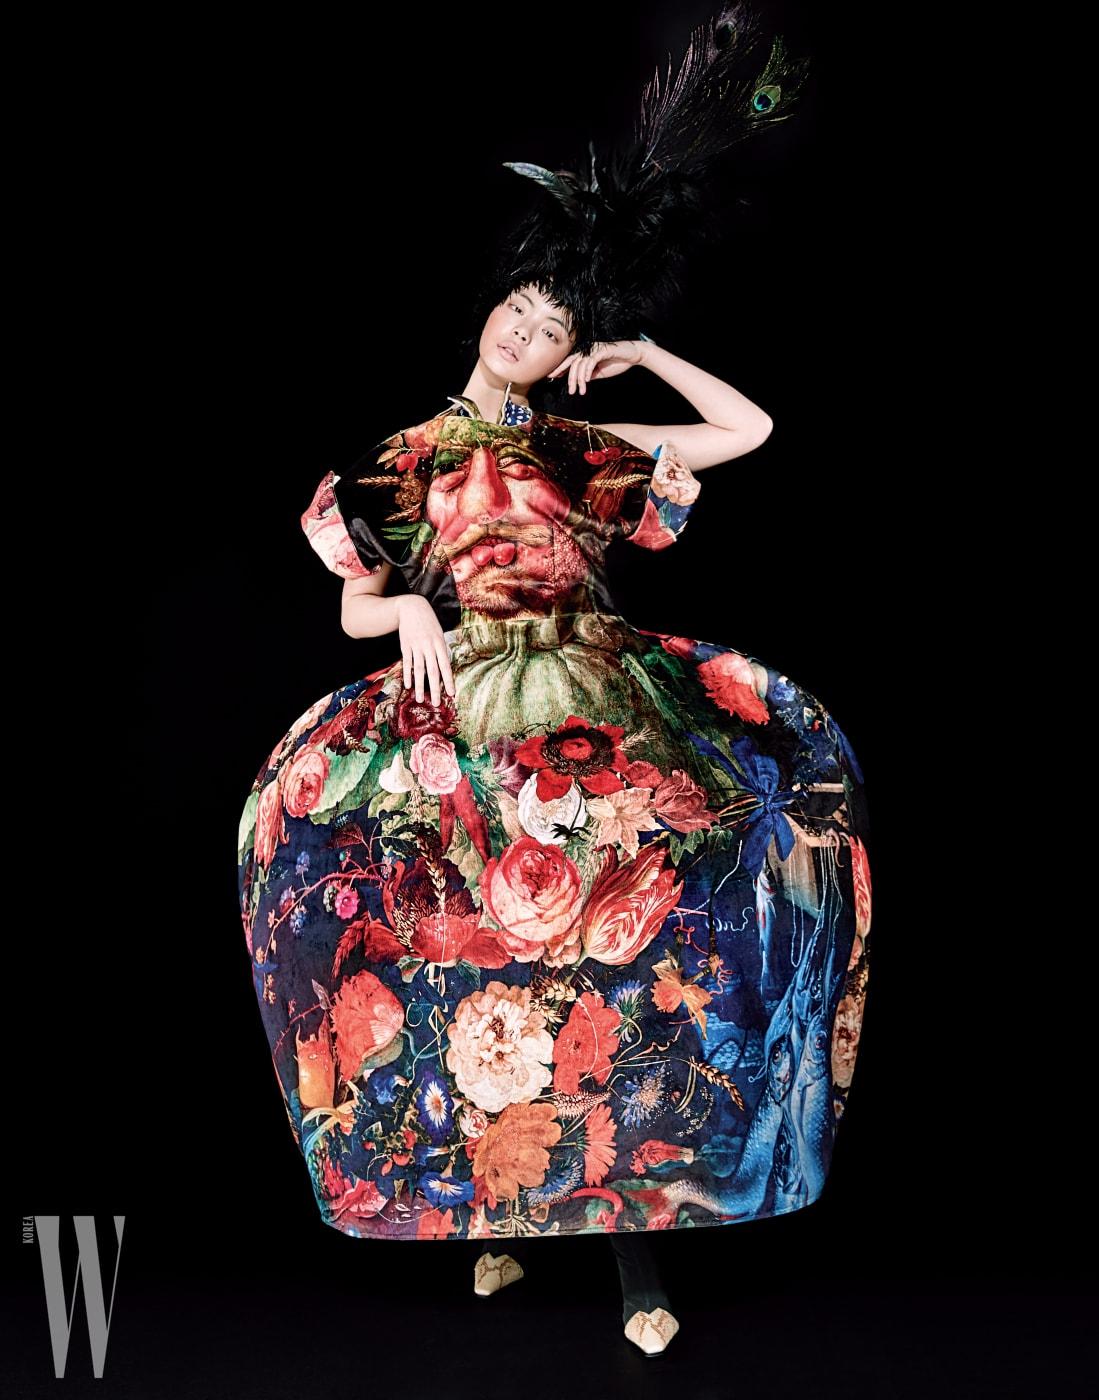 드레스가몸에붙어있는듯한디자인의중세풍드레스는Comme des Garçons, 이그조틱한패턴의앵클부츠는Celine 제품.